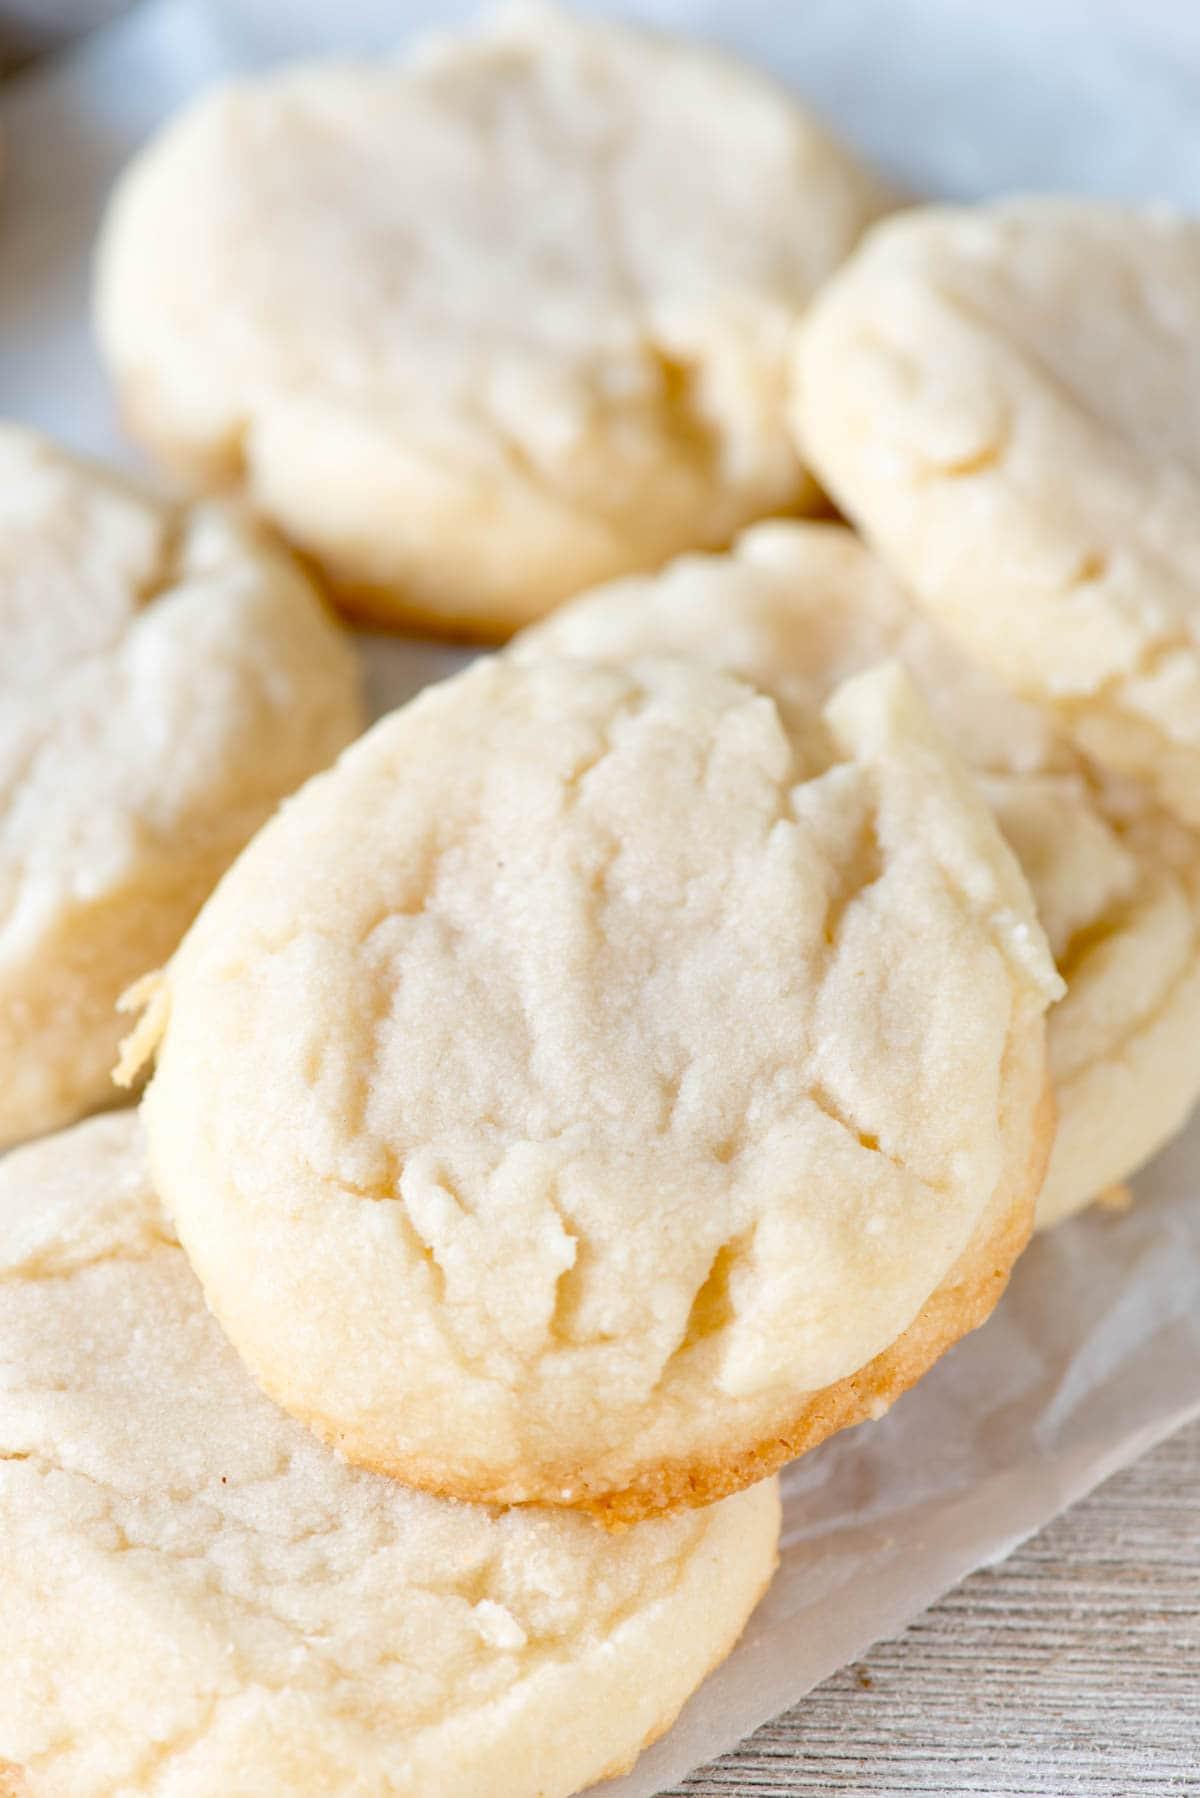 Best Shortbread Cookies  Soft & Chewy Shortbread Cookies 1 dough 4 ways Crazy